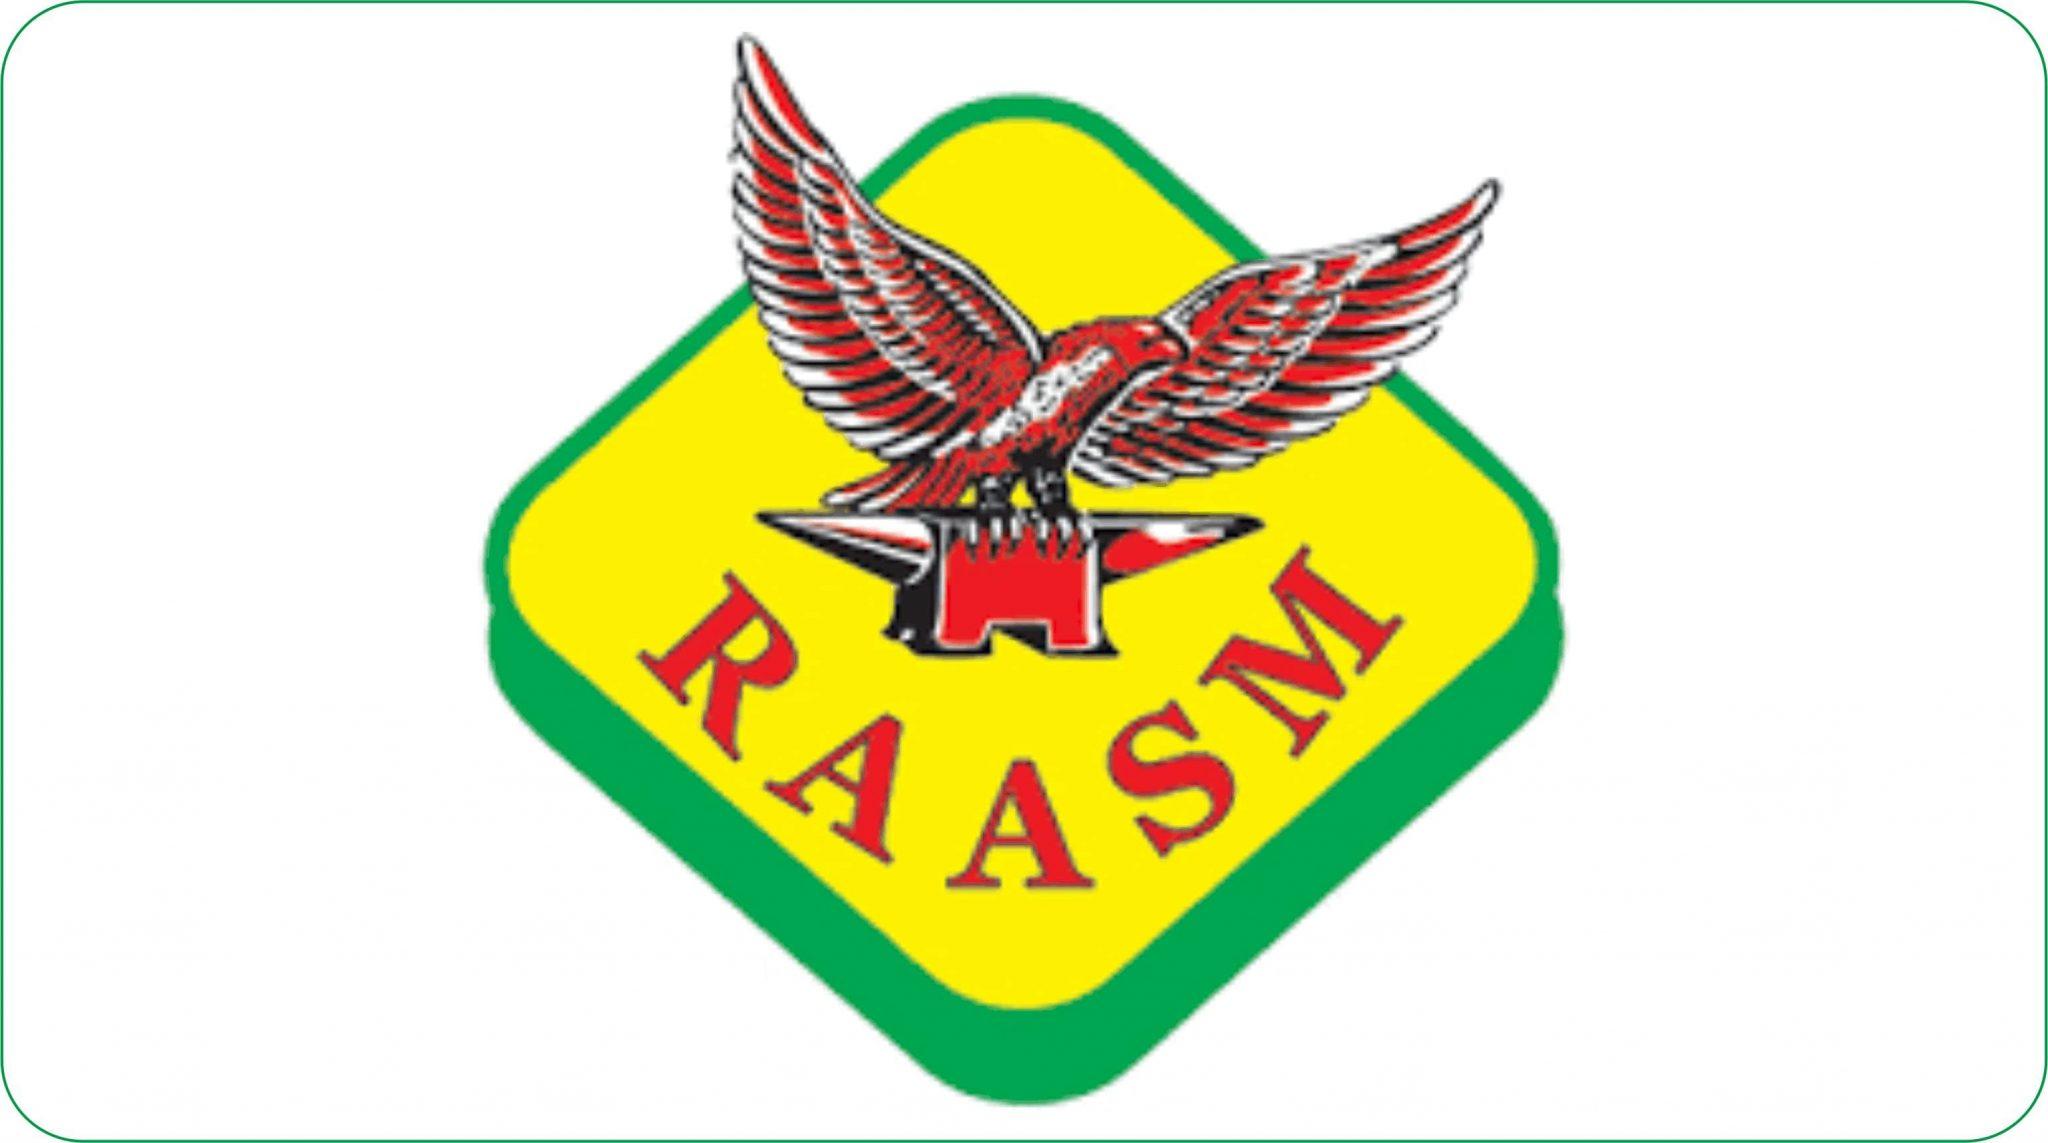 RAASM-min